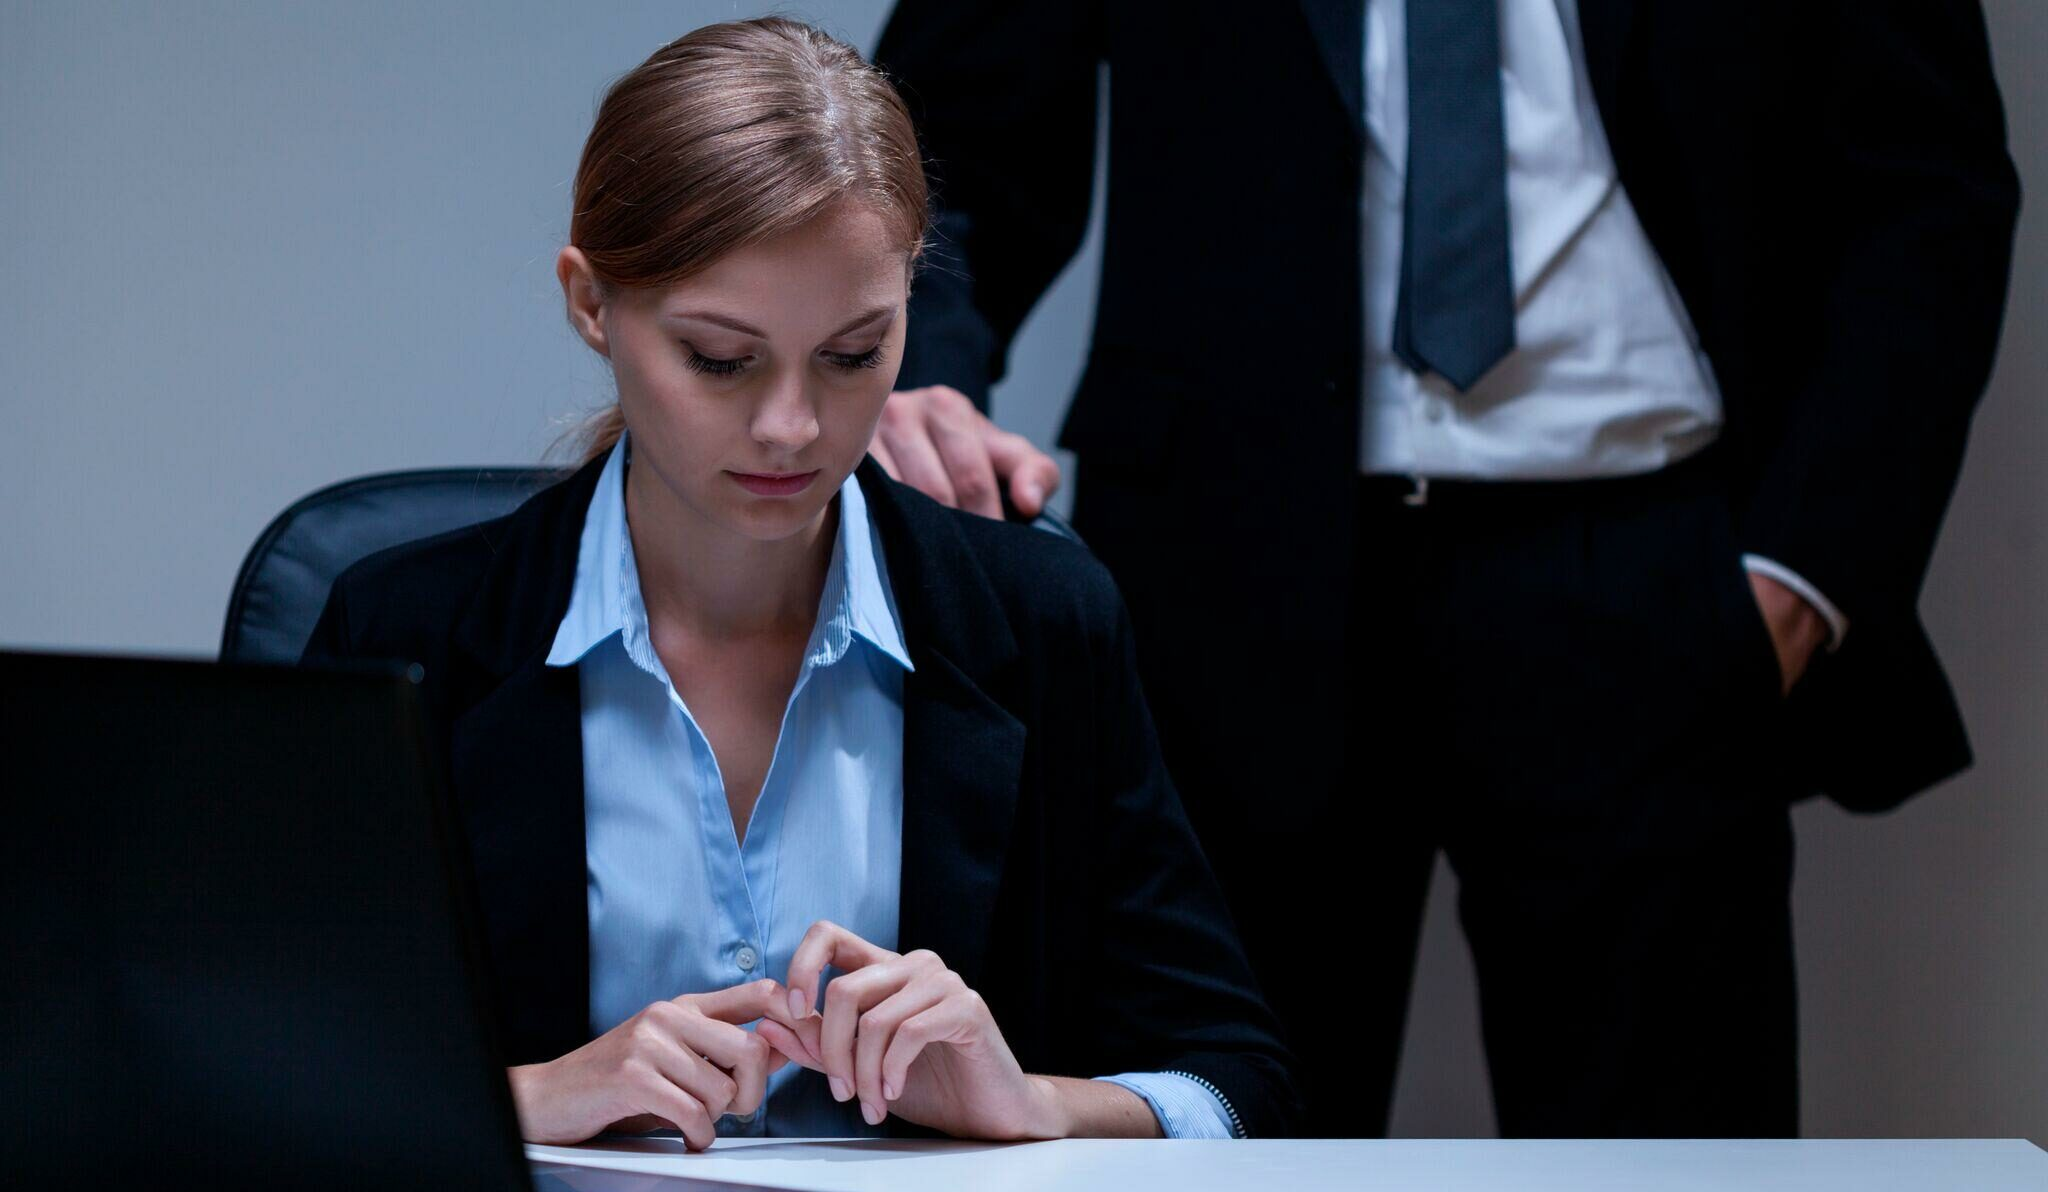 Σεξουαλική παρενόχληση στον εργασιακό χώρο: Ποια η θέση της γυναίκας;    offlinepost